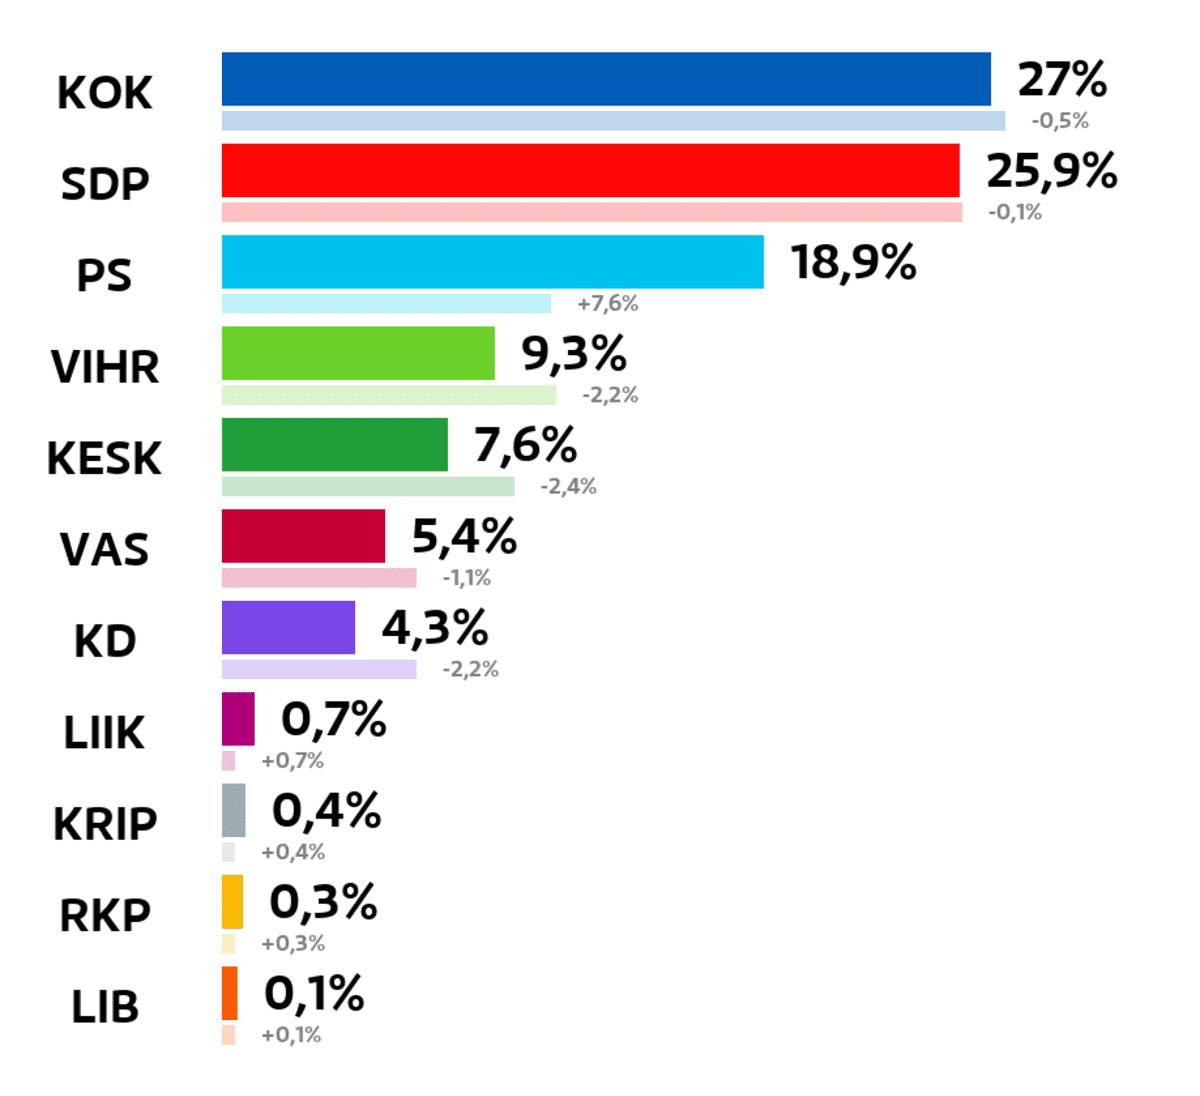 Hämeenlinna: Kuntavaalien tulos (%) Kokoomus: 27 prosenttia SDP: 25,9 prosenttia Perussuomalaiset: 18,9 prosenttia Vihreät: 9,3 prosenttia Keskusta: 7,6 prosenttia Vasemmistoliitto: 5,4 prosenttia Kristillisdemokraatit: 4,3 prosenttia Liike Nyt: 0,7 prosenttia Kristallipuolue: 0,4 prosenttia RKP: 0,3 prosenttia Liberaalipuolue: 0,1 prosenttia